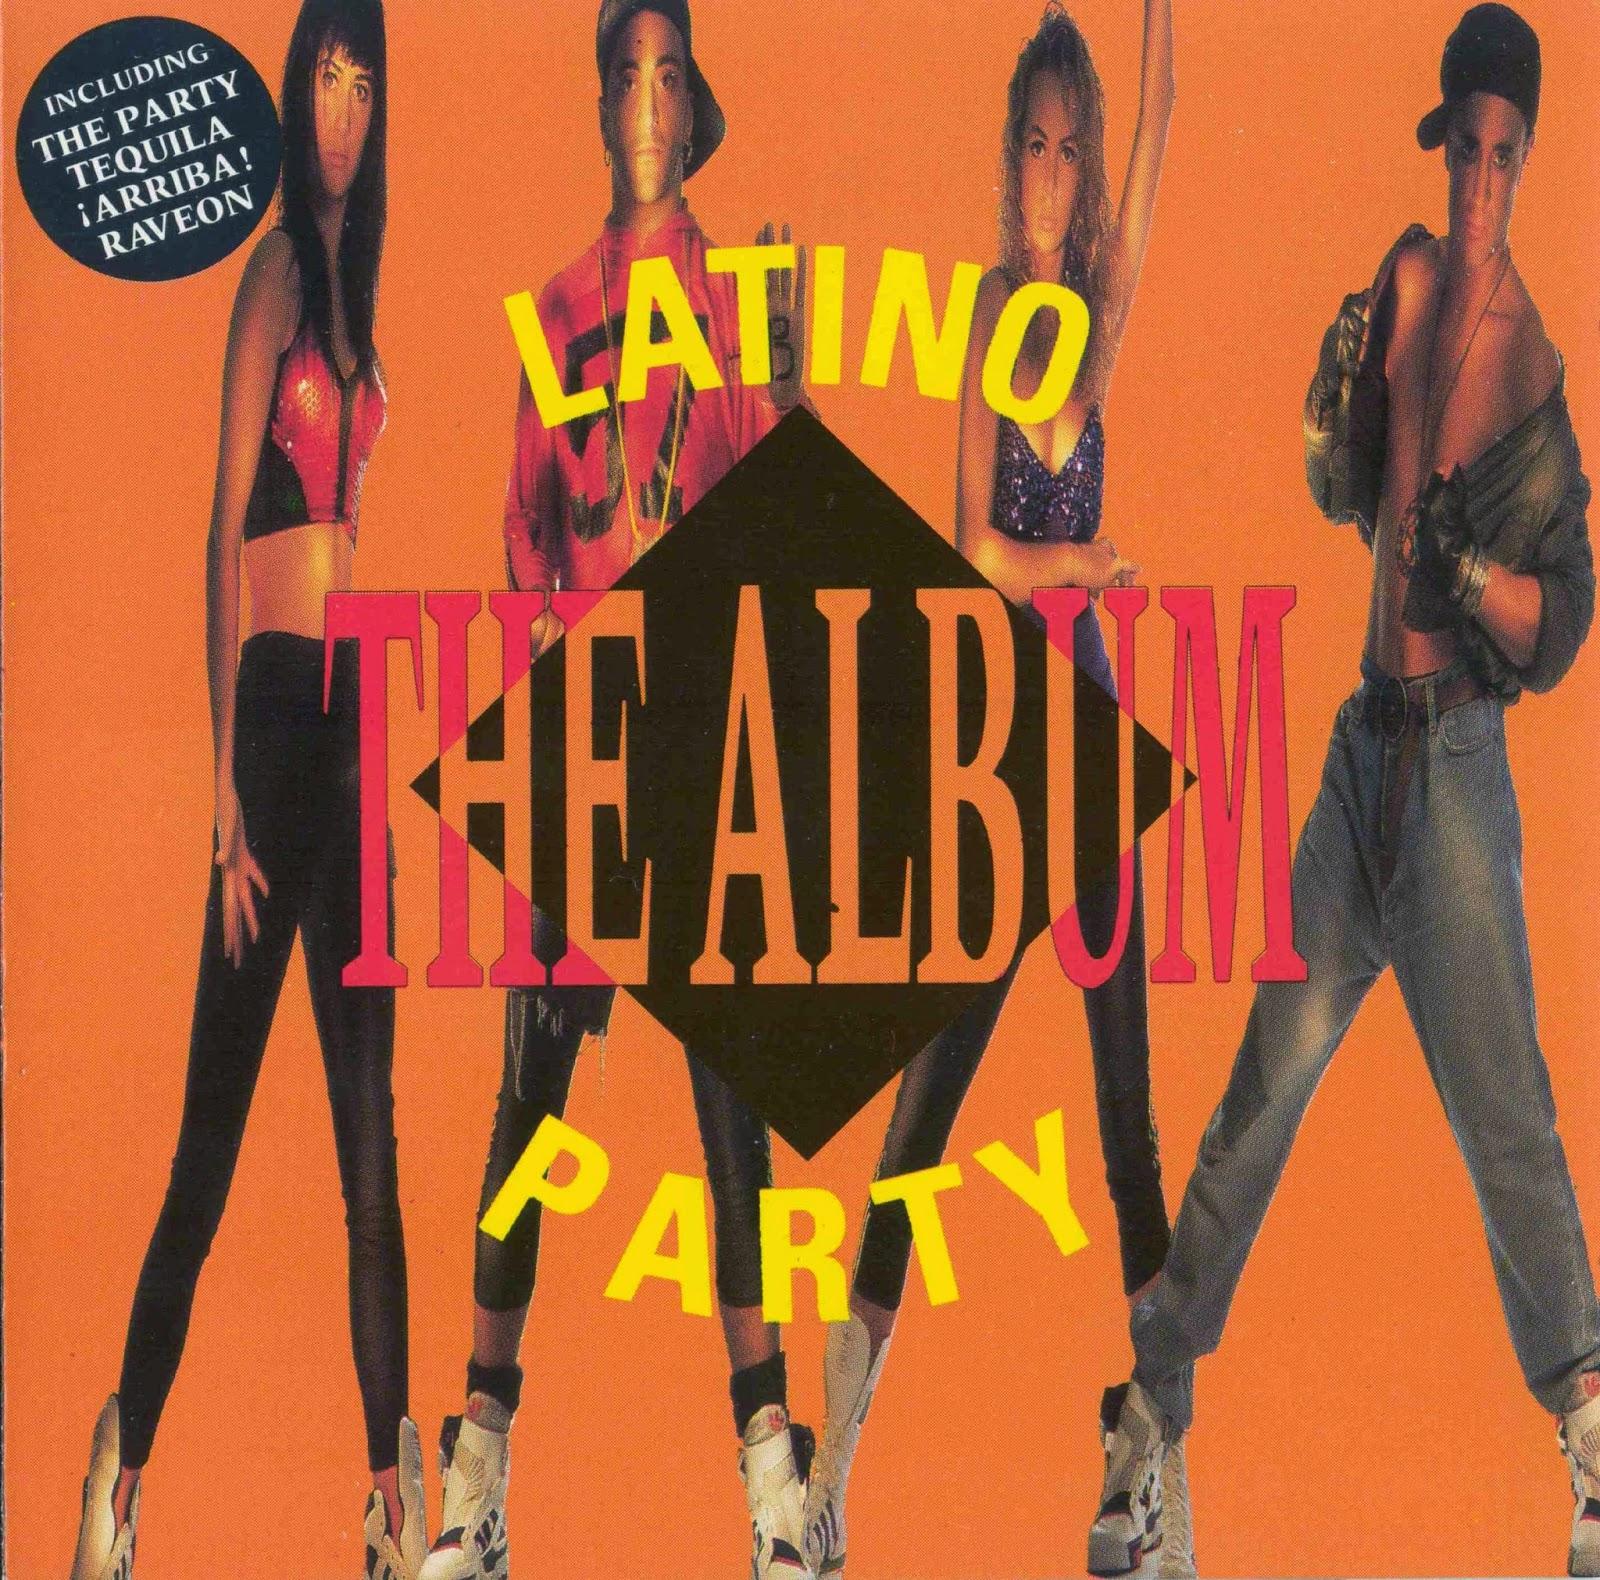 Retro disco hi nrg latino party the album 1990 for 90s house music albums